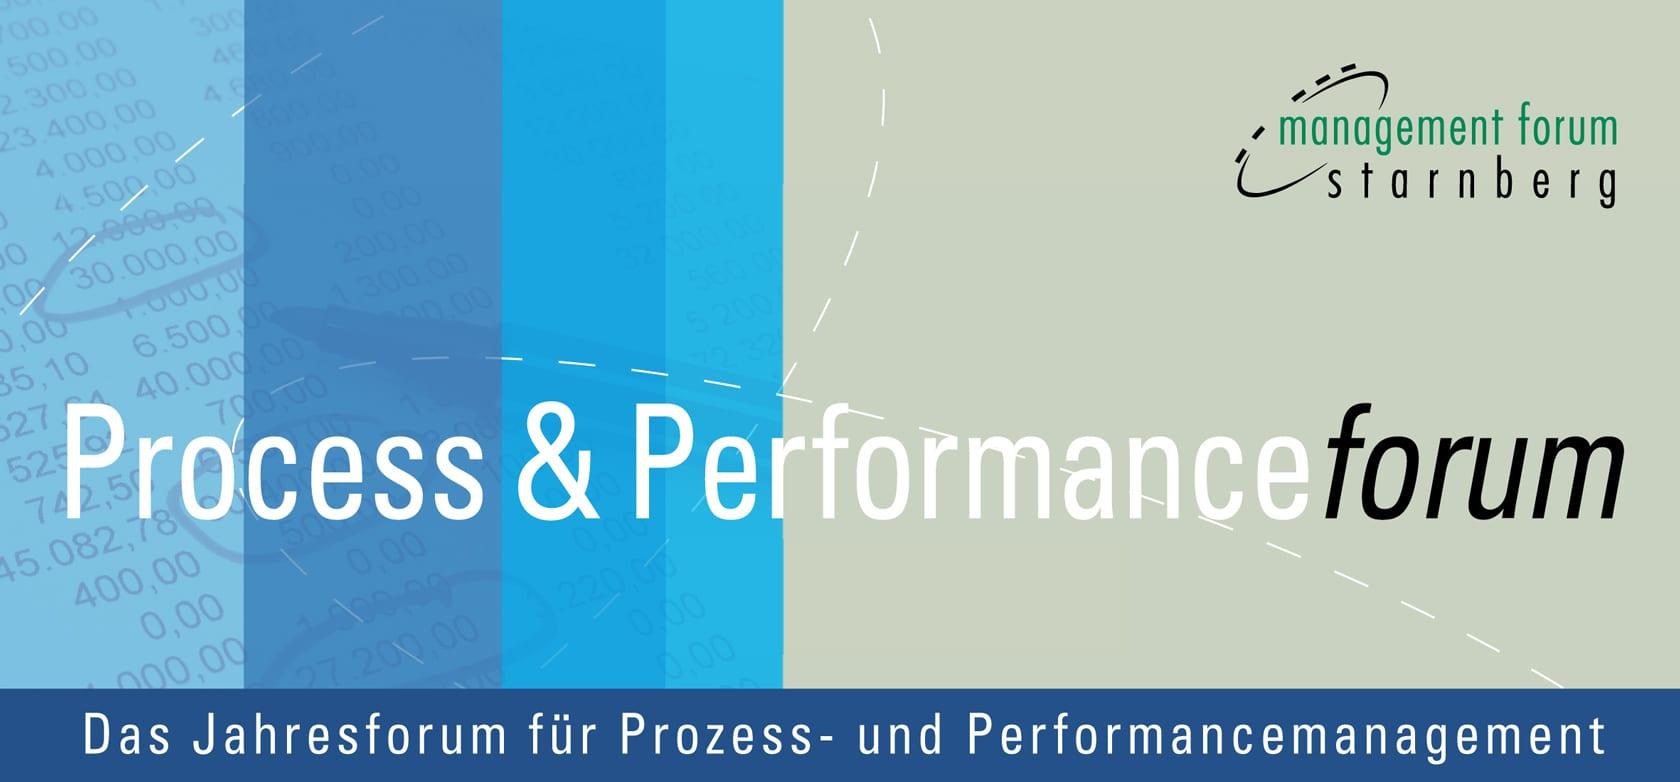 Starnberg Process & Performance Forum – Das Jahresforum für Prozess- und Performancemanagement